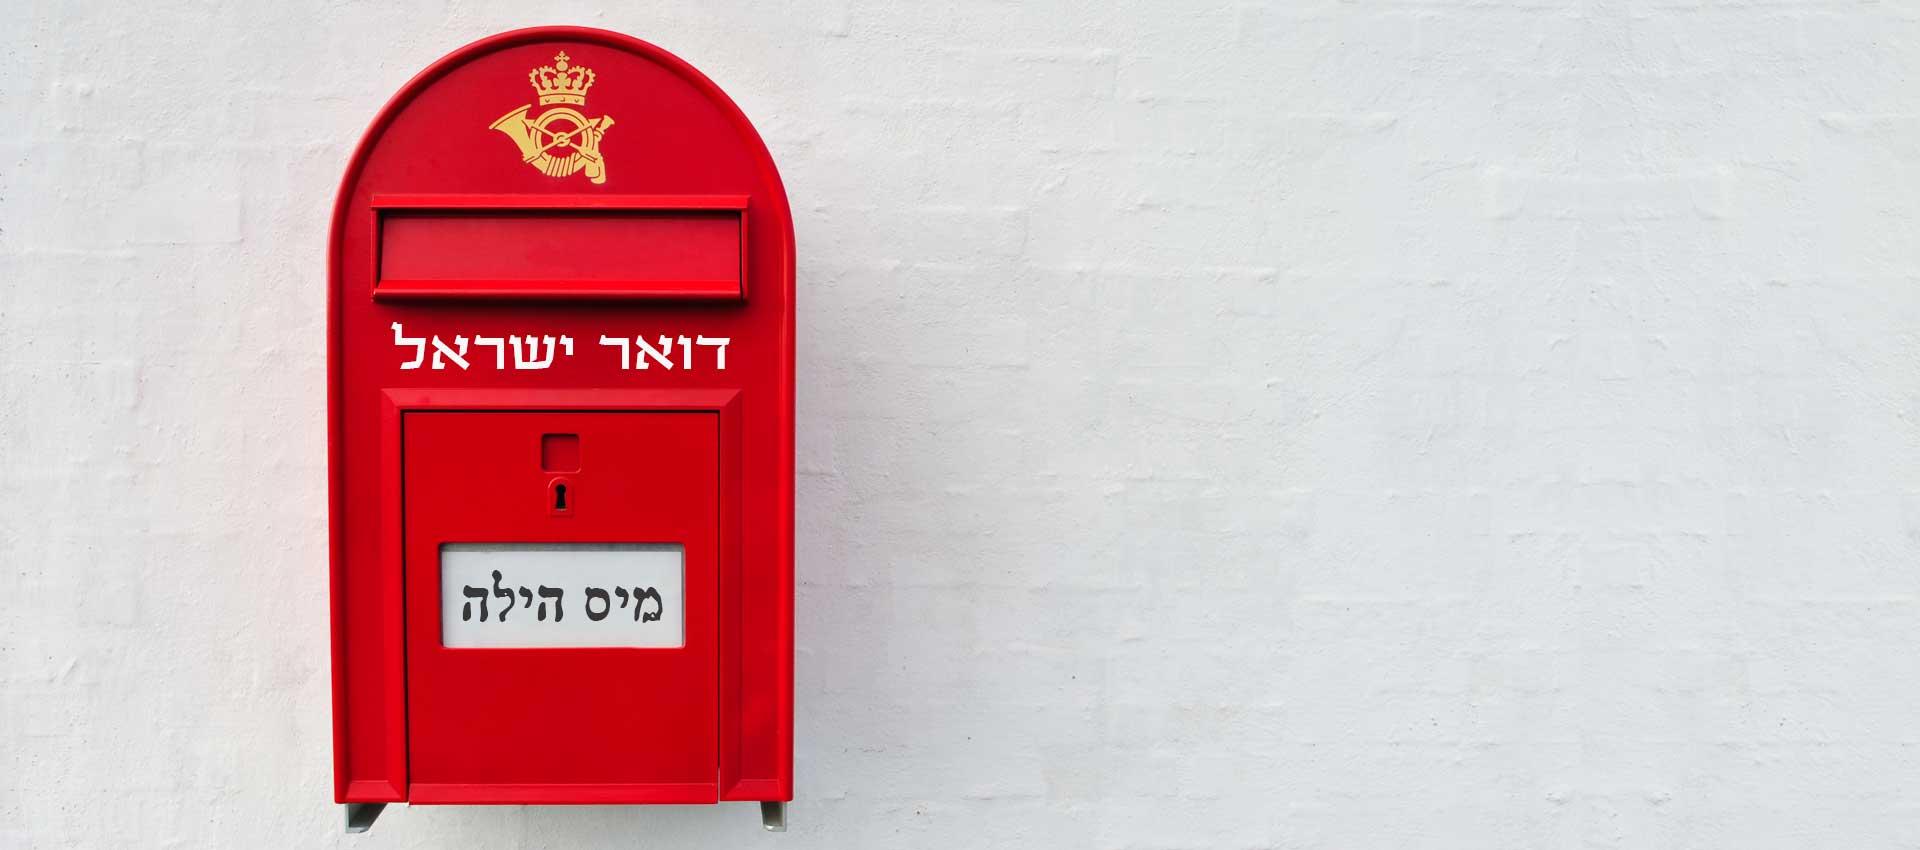 תיבת דואר ישנה של מיס הילה, חותמת של דואר ישראל